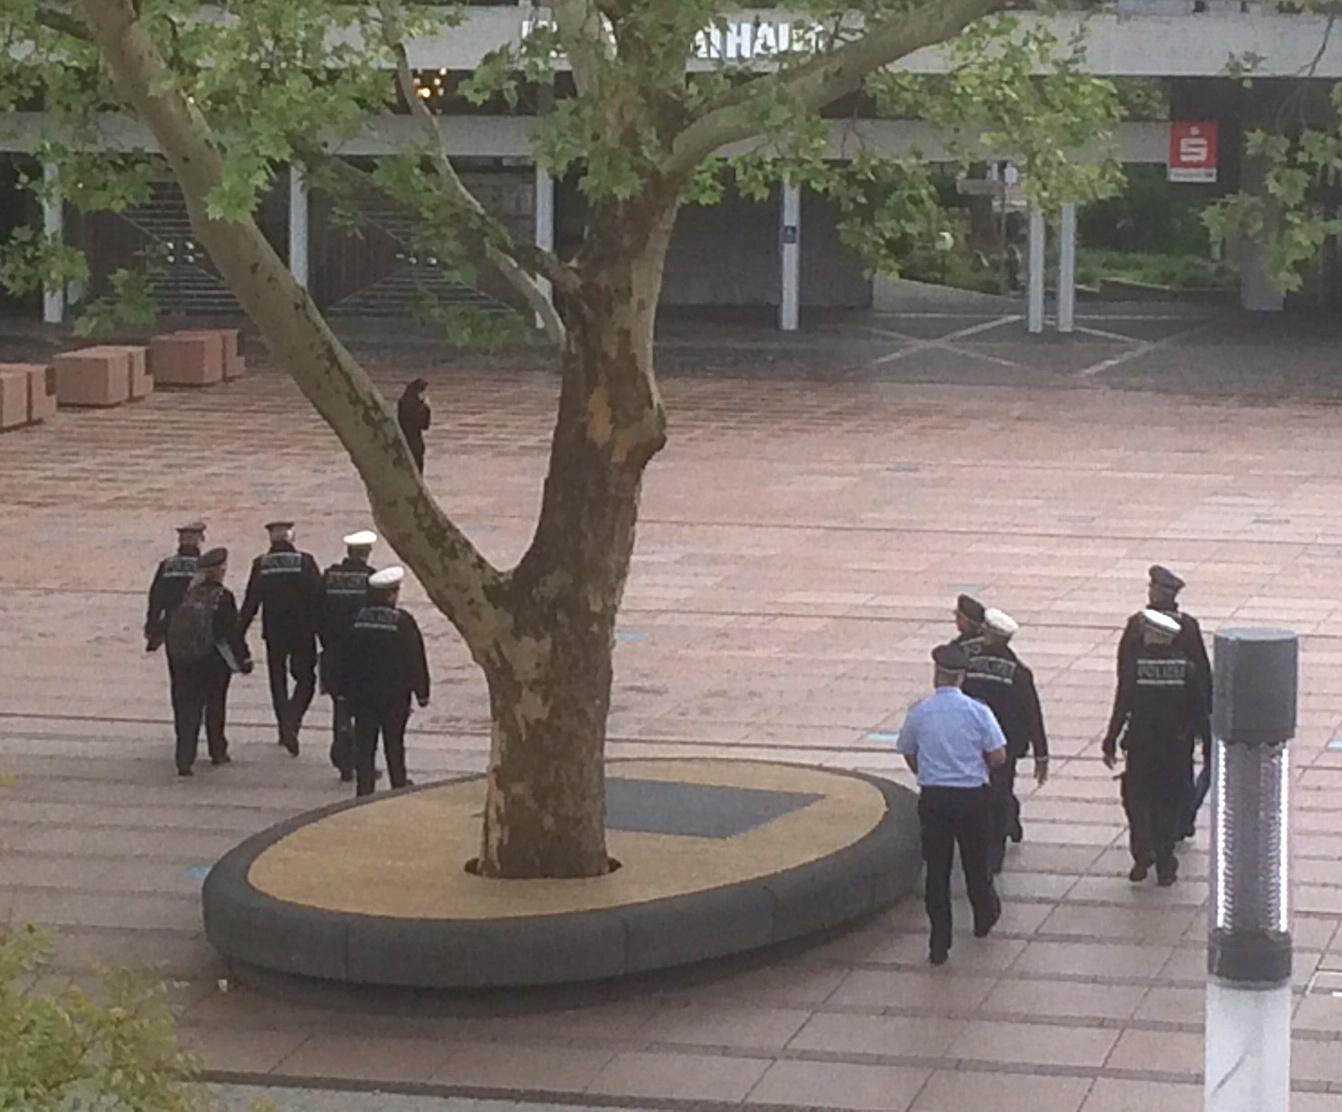 Die Polizei auf dem Weg zur Lagebesprechung im Neuen Rathaus Pforzheim. Für den 11. Mai sollen über 1000 Beamte im Einsatz sein.